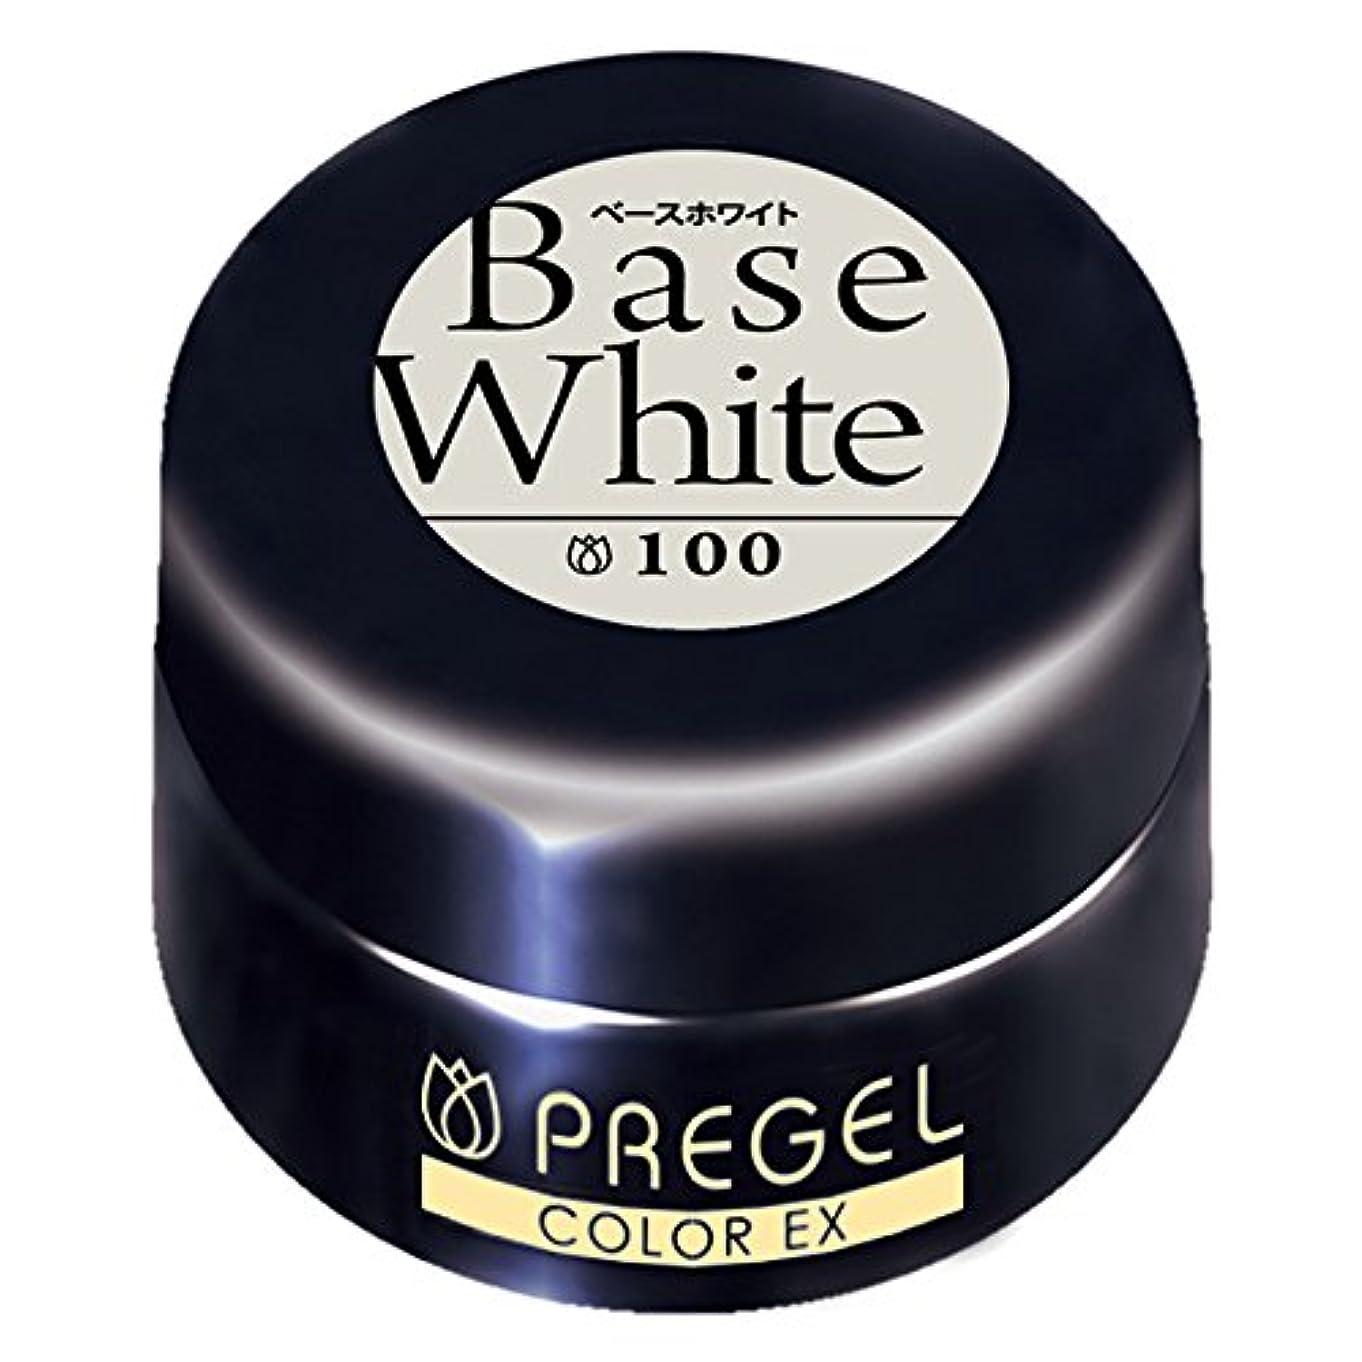 繊細示すマイナープリジェル ジェルネイル プリジェル ジェルネイル カラーEX ベースホワイト100 4g カラージェル UV/LED対応